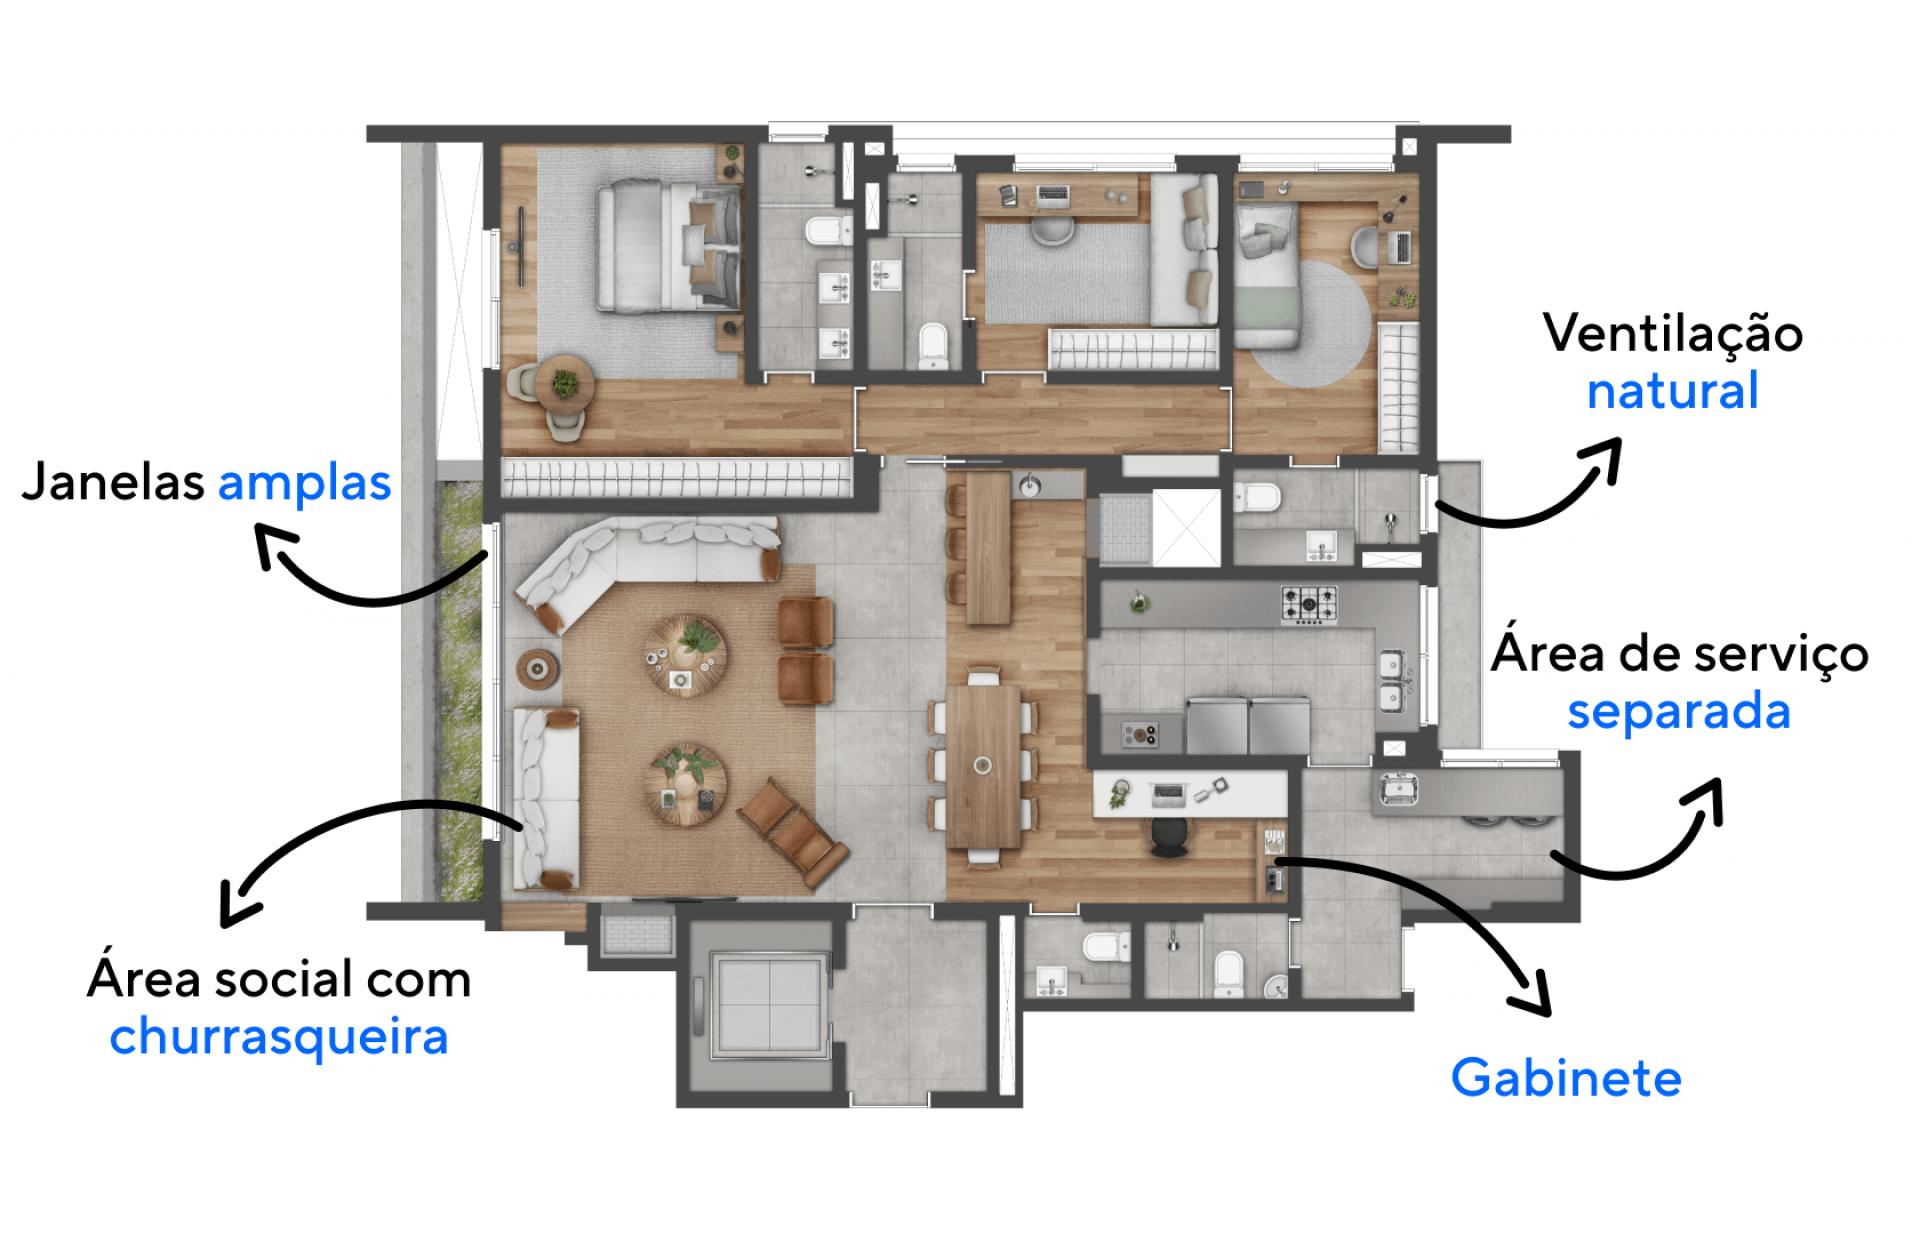 156 M² - 3 SUÍTES. Apartamentos com ótima setorização, proporcionando privacidade às suítes e amplitude ao living. Destaque para o gabinete, um confortável espaço para o trabalho remoto.